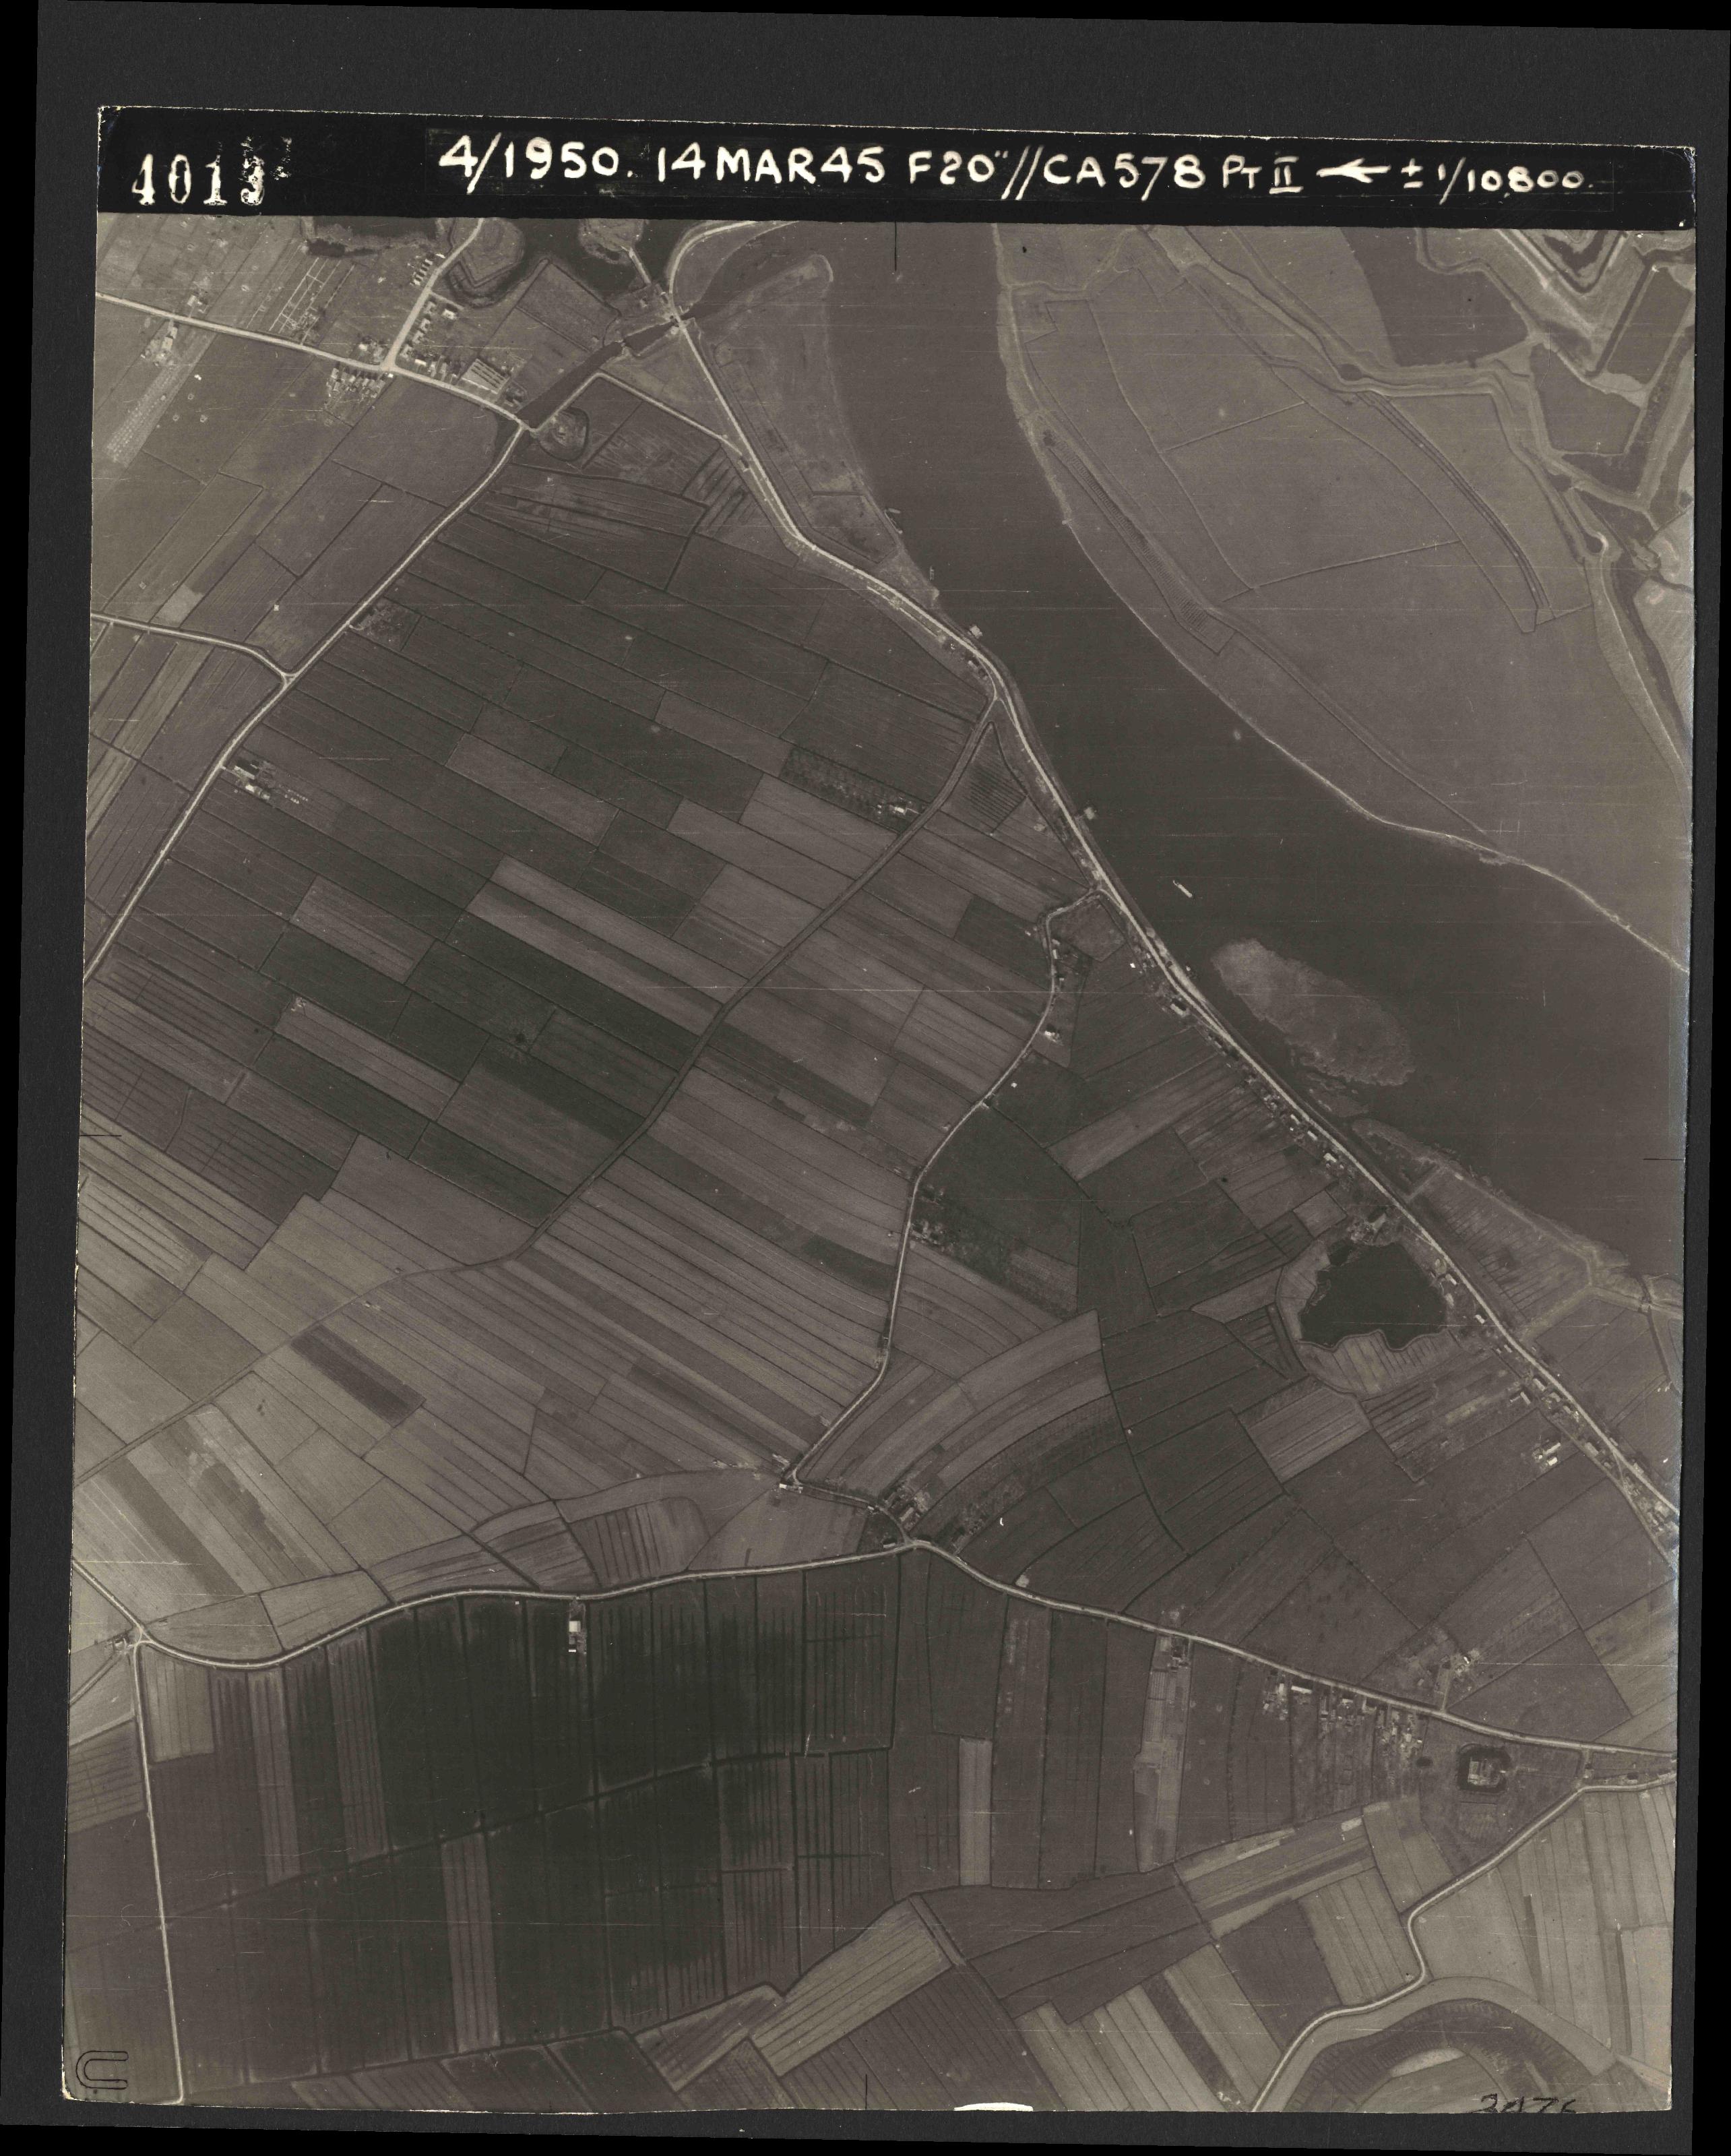 Collection RAF aerial photos 1940-1945 - flight 010, run 01, photo 4013